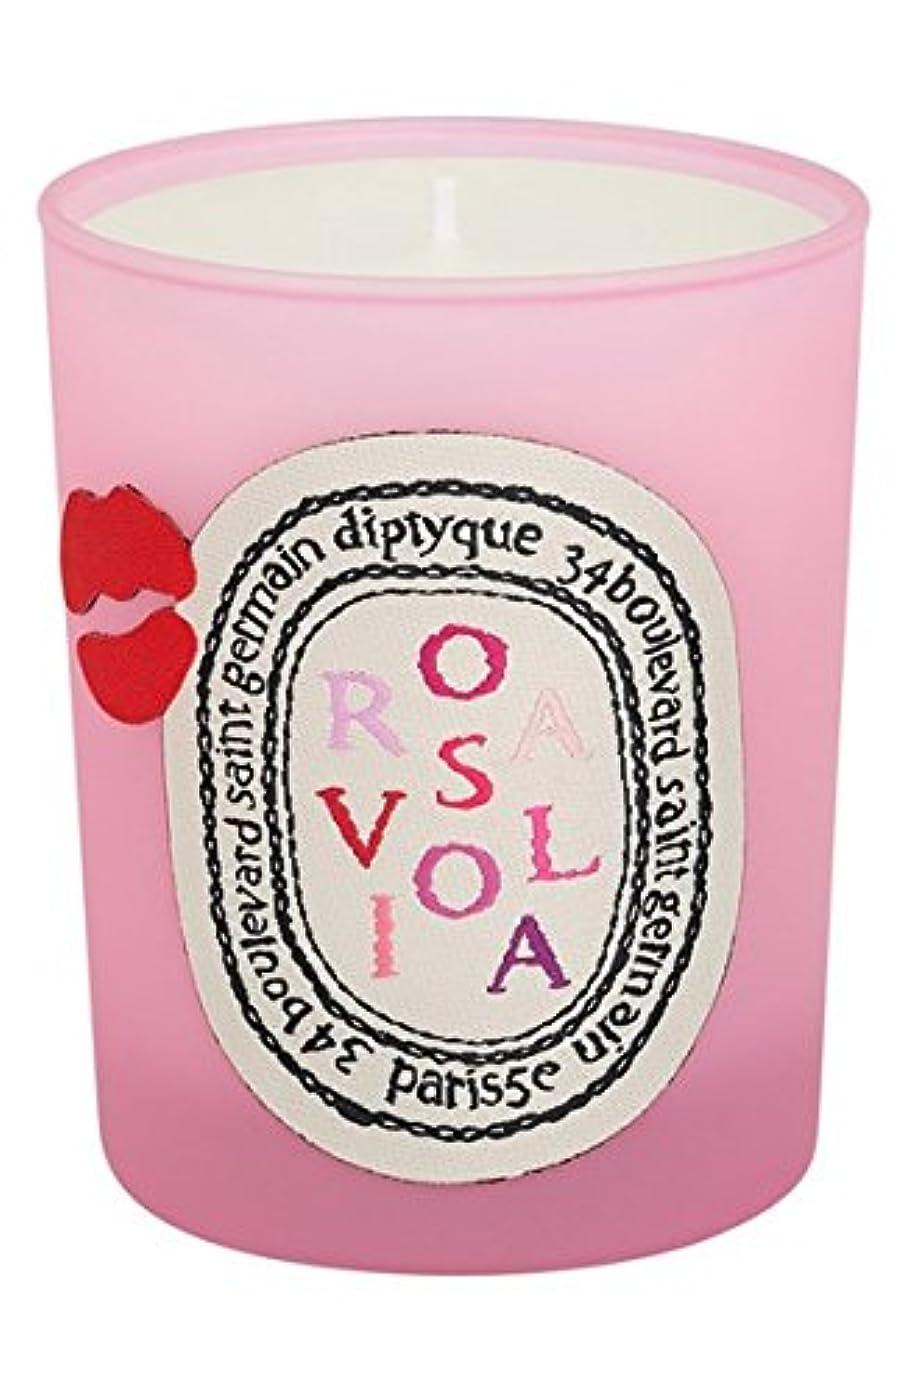 永久彼らのかわいらしいDiptyque - Rosaviola (ディプティック ローザビオラ) キャンドル 6.7 oz (200ml) g